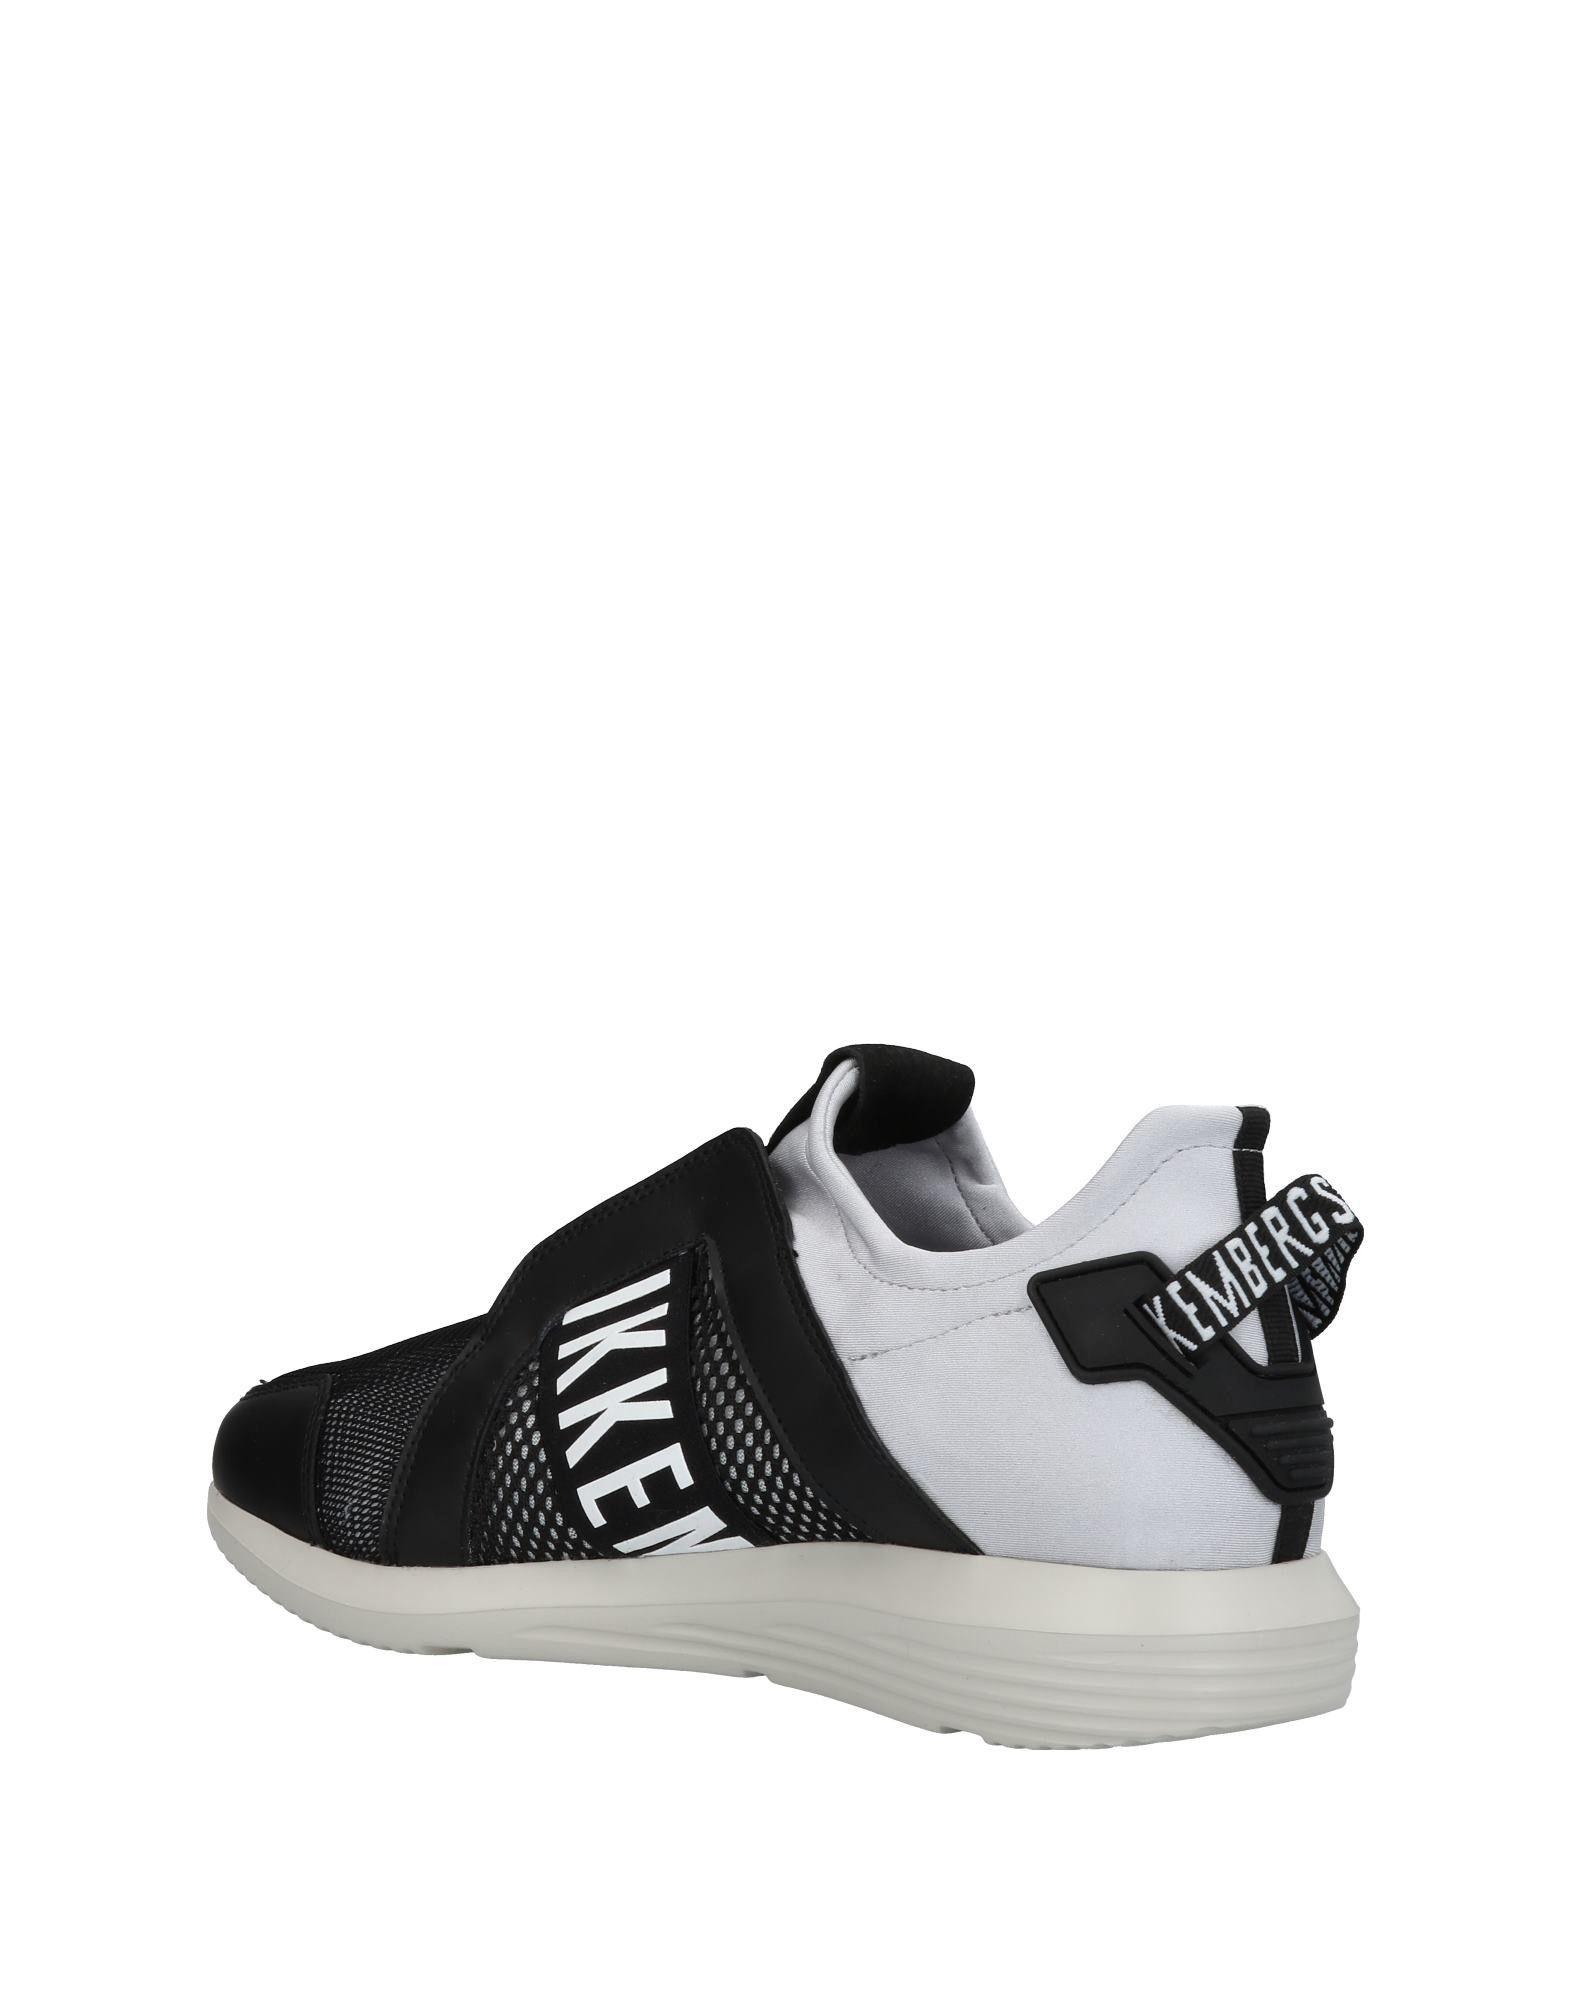 Herren Bikkembergs Sneakers Herren   11417893VD Heiße Schuhe ec415f